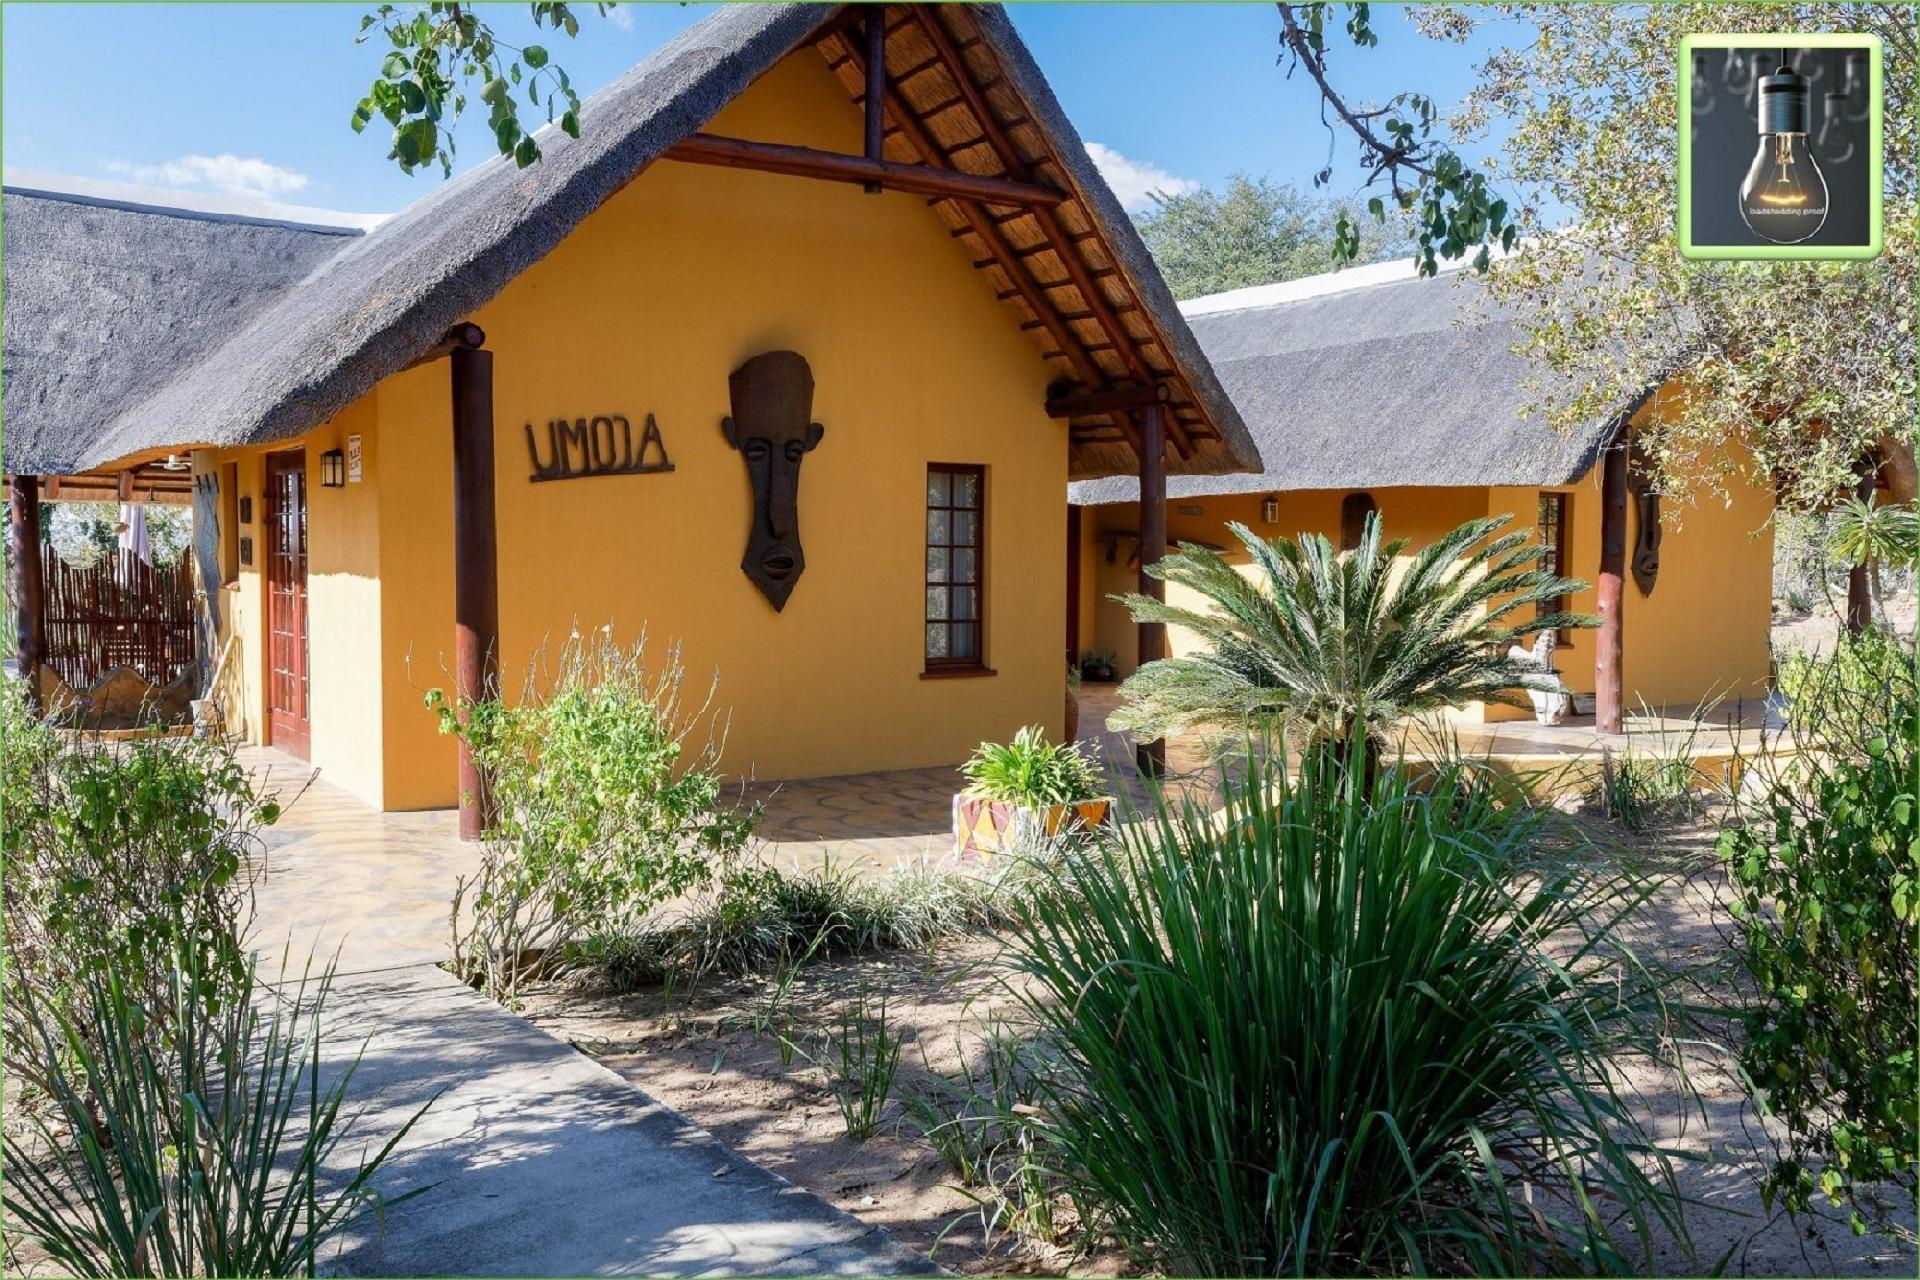 Ferienhaus für 6 Personen ca. 134 m² in   in Afrika